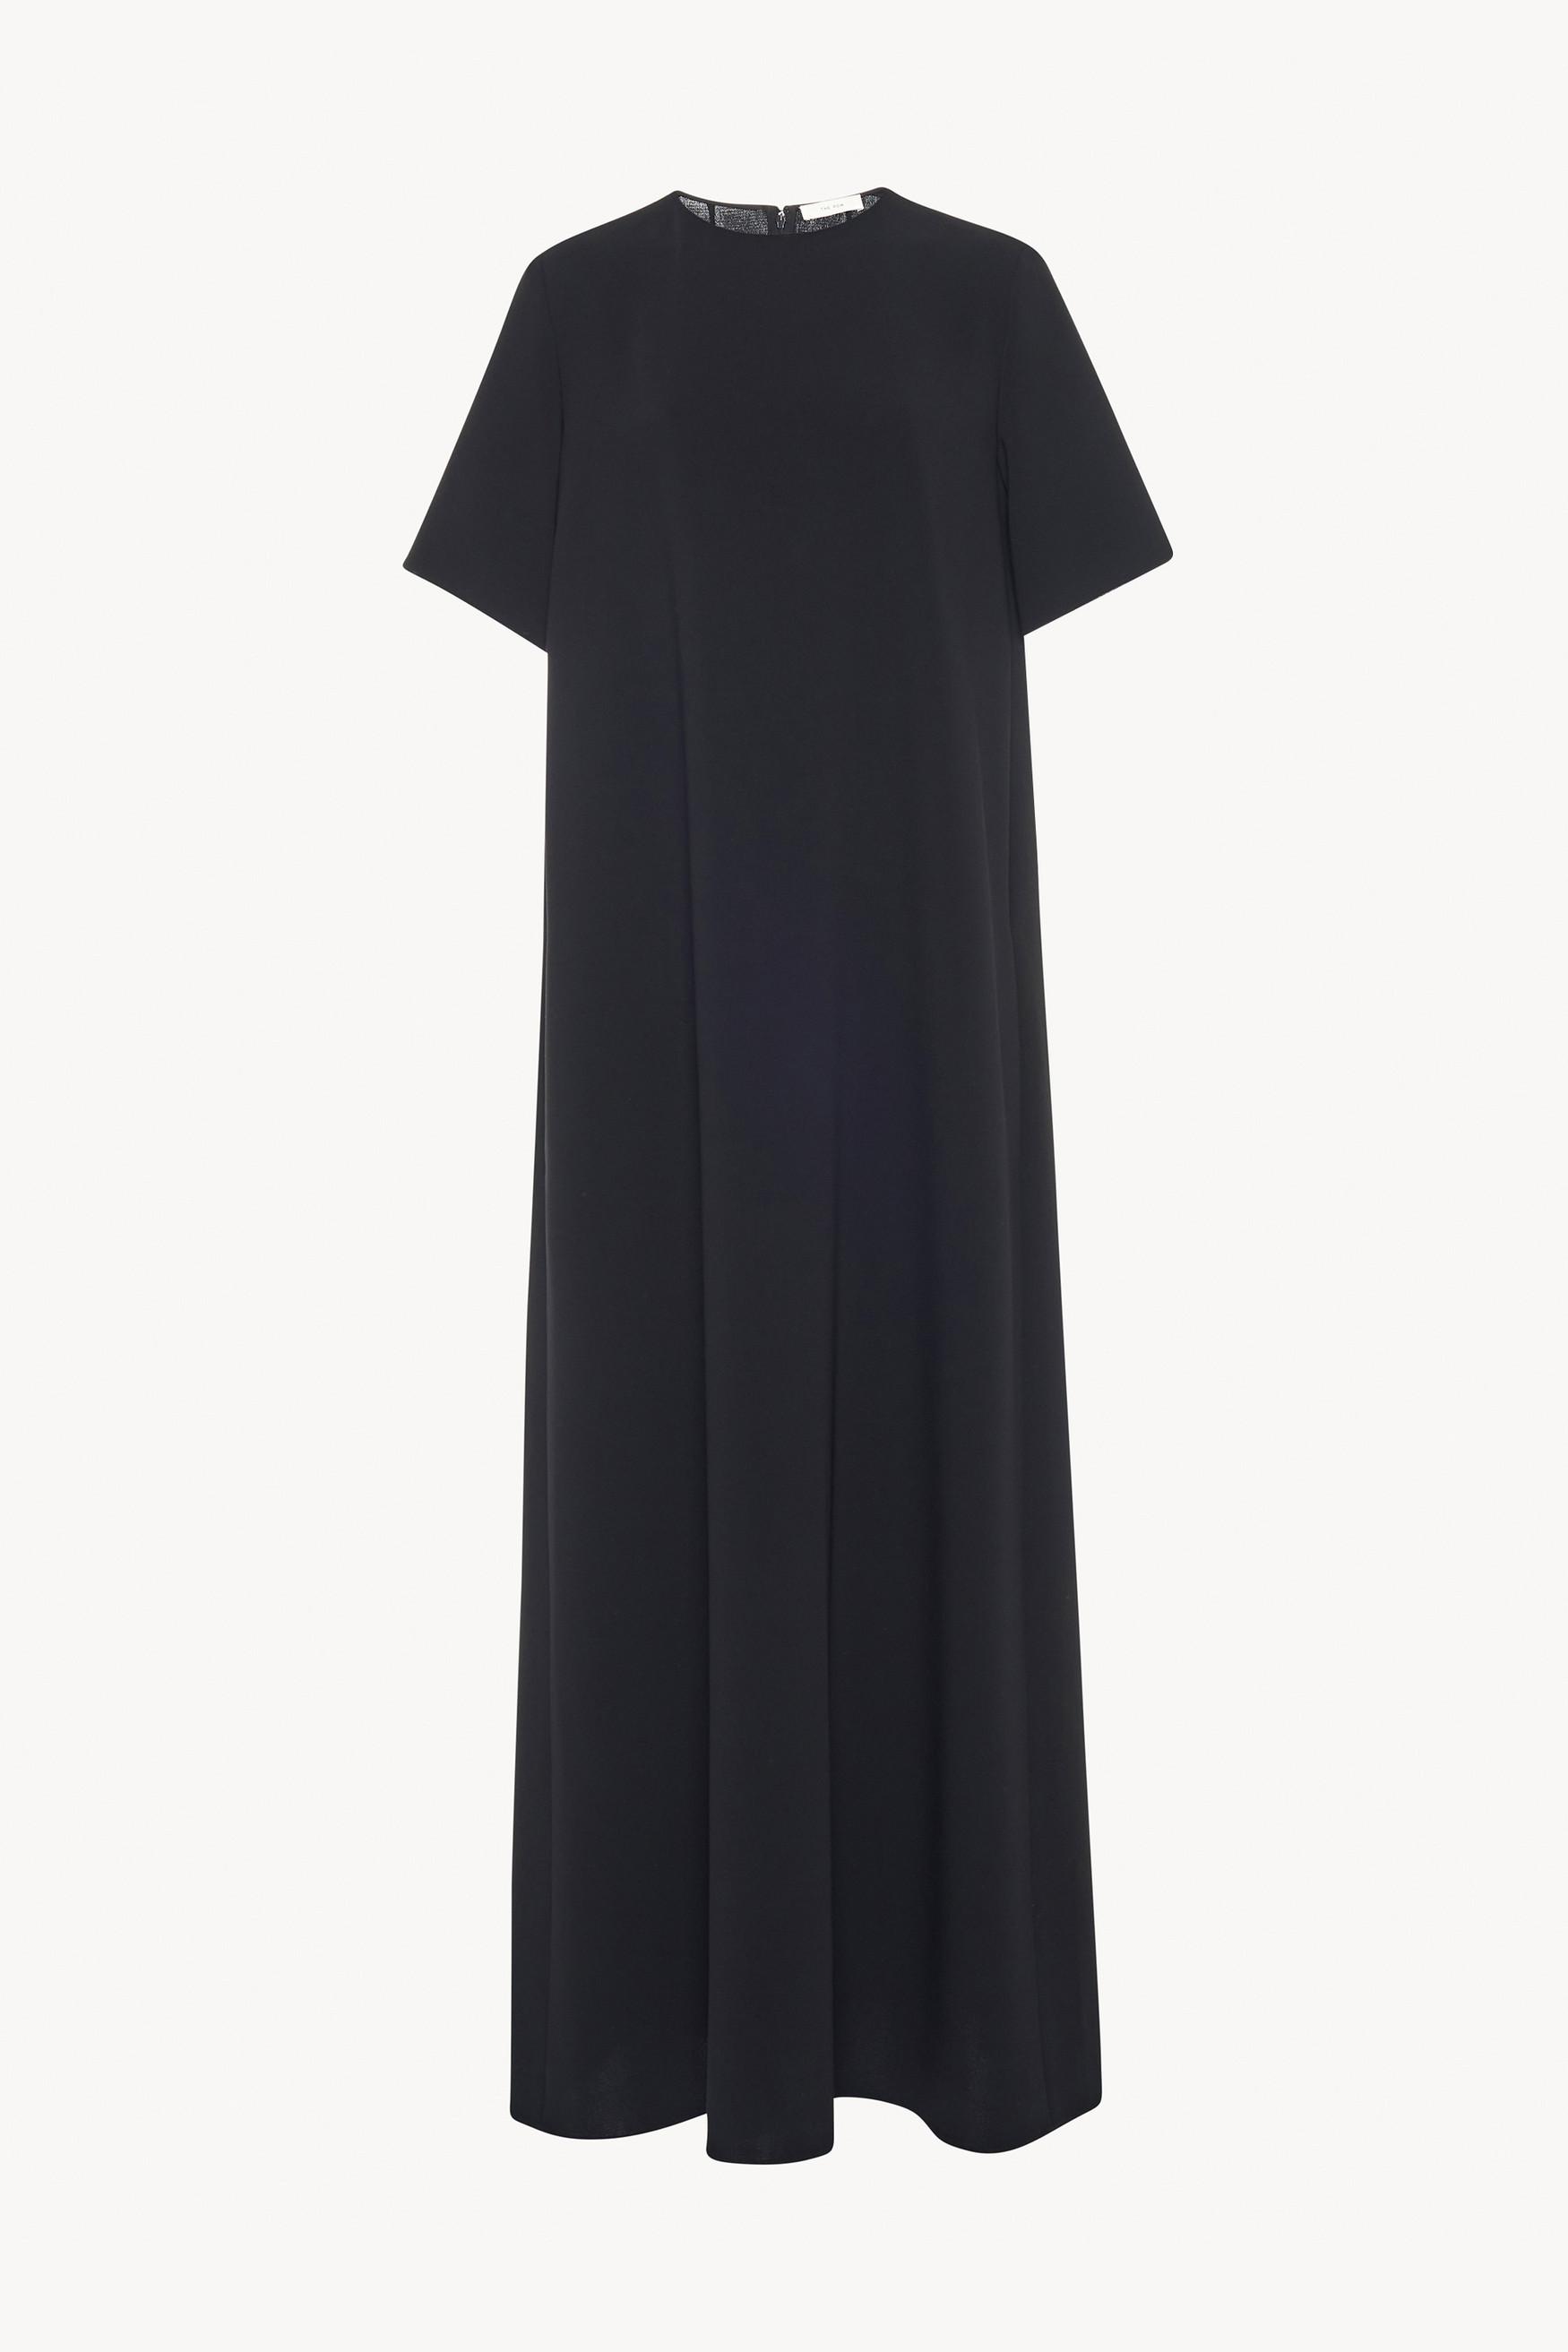 ROBI DRESS